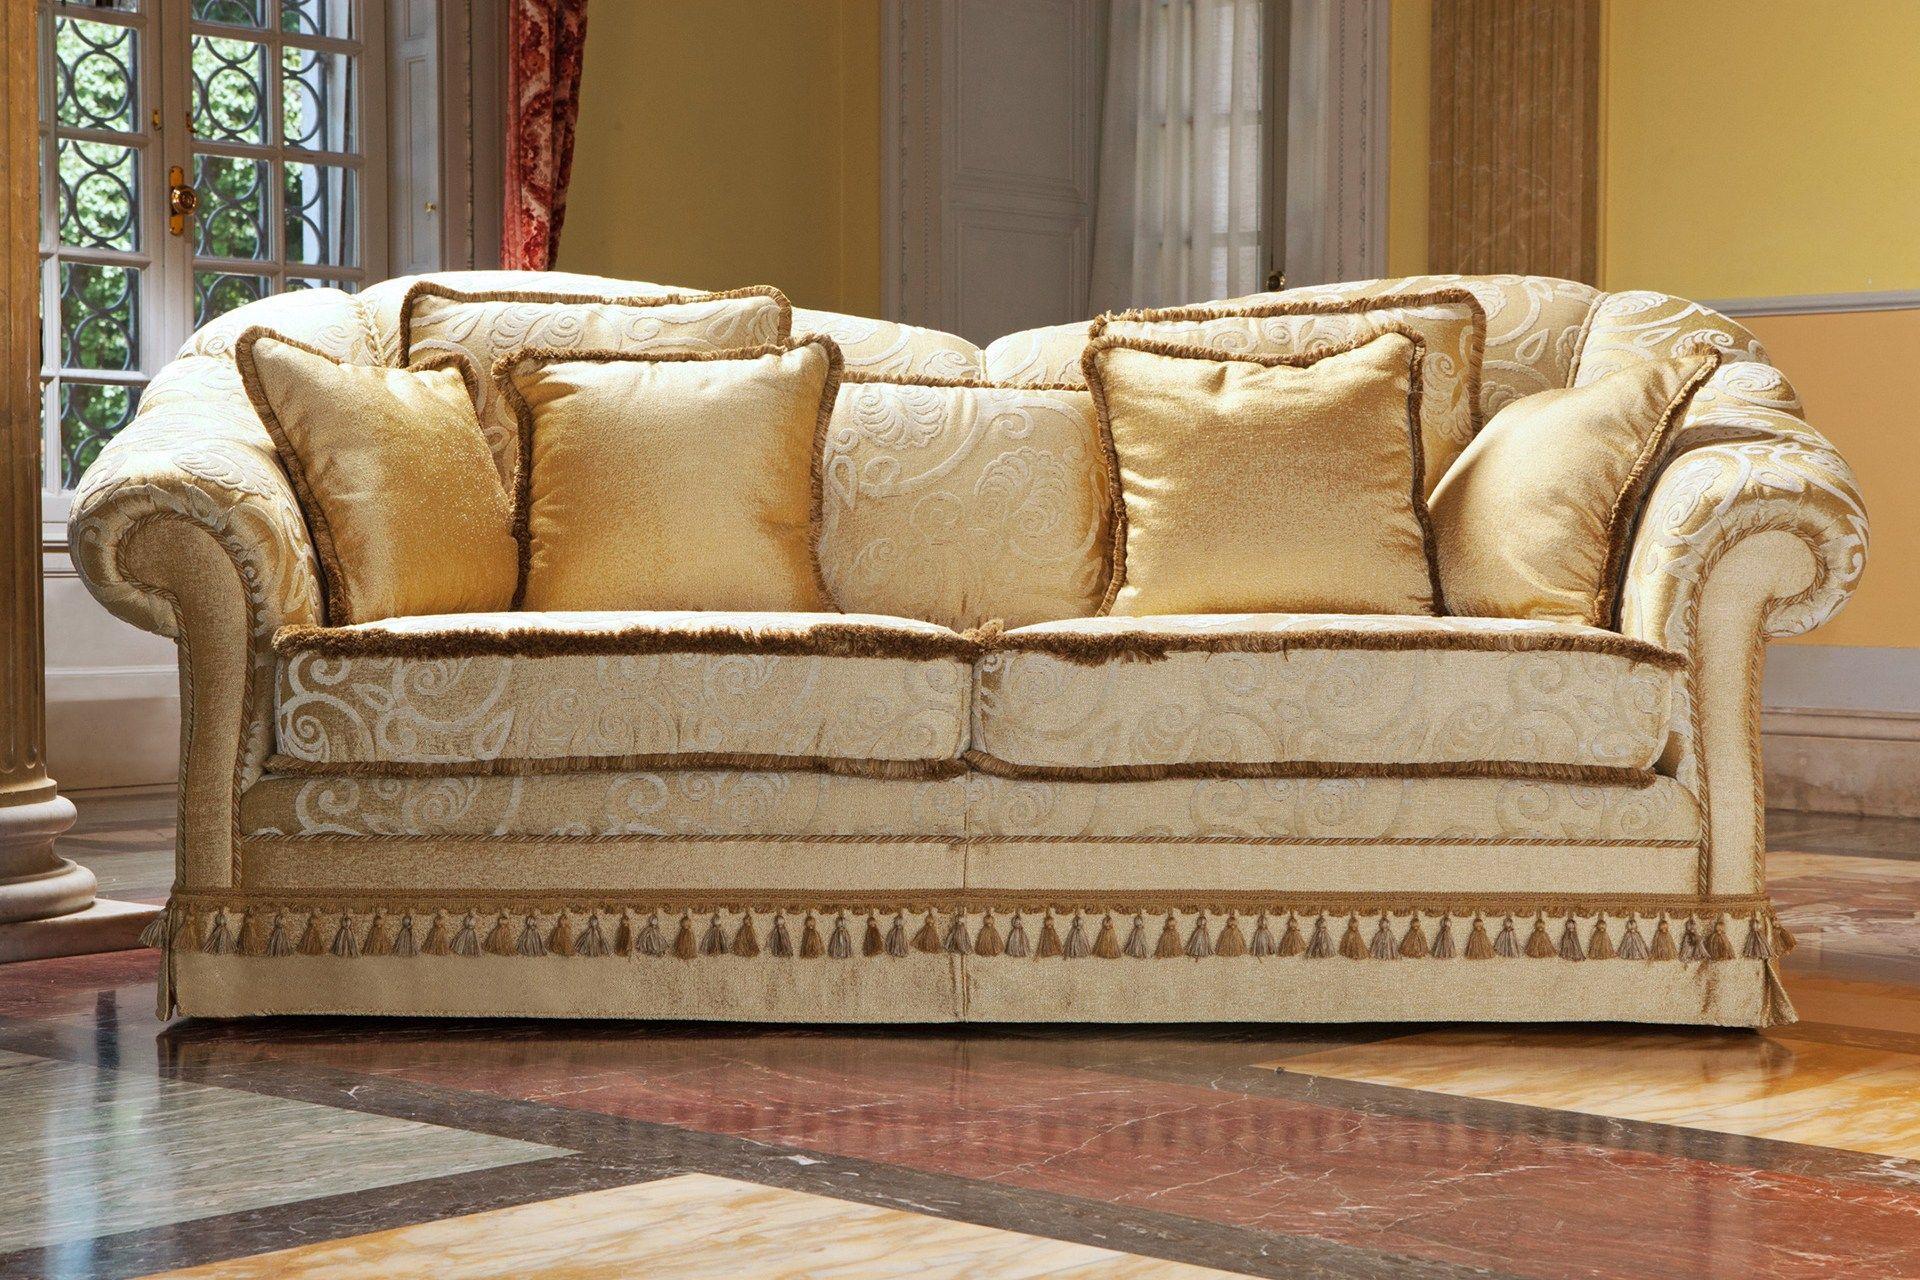 Zeryba divano in stile classico collezione zeryba by - Divano classico ...